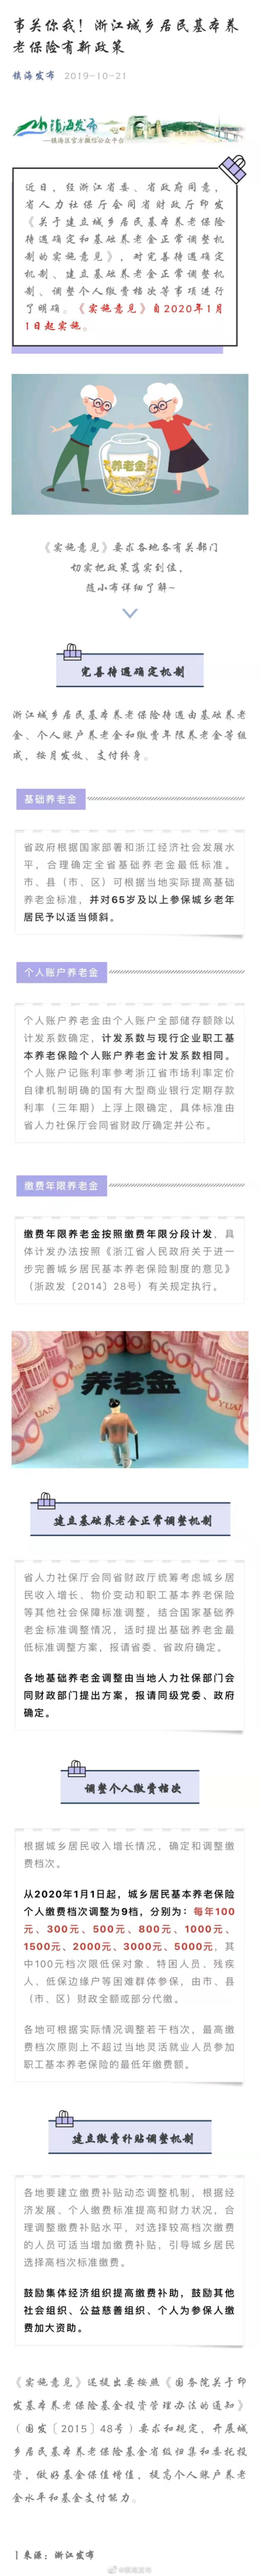 事关你我!浙江城乡居民基本养老保险有新政策